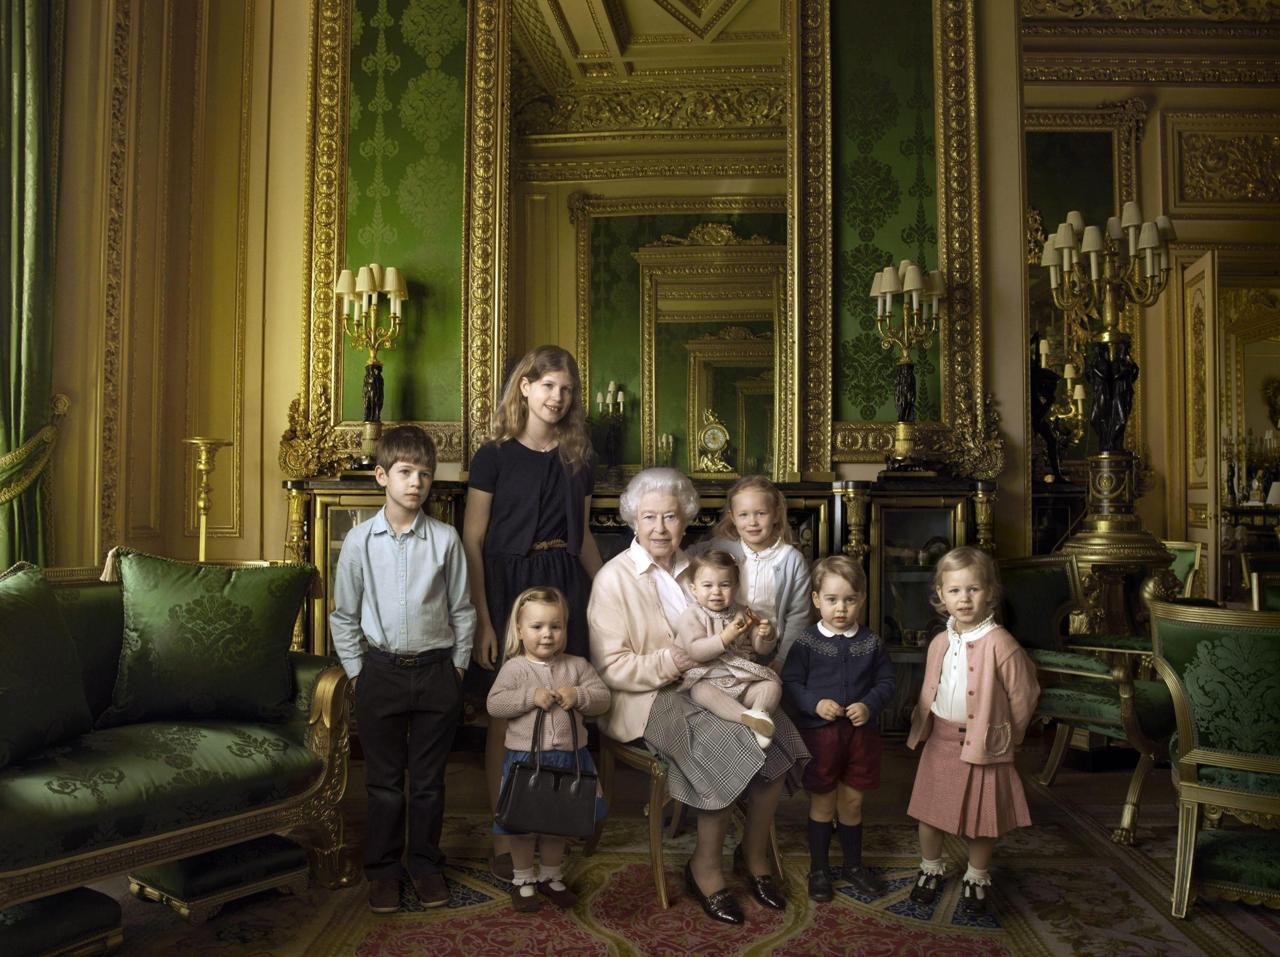 Giubileo di Zaffiro. La Regina Elisabetta da 65 anni sul trono